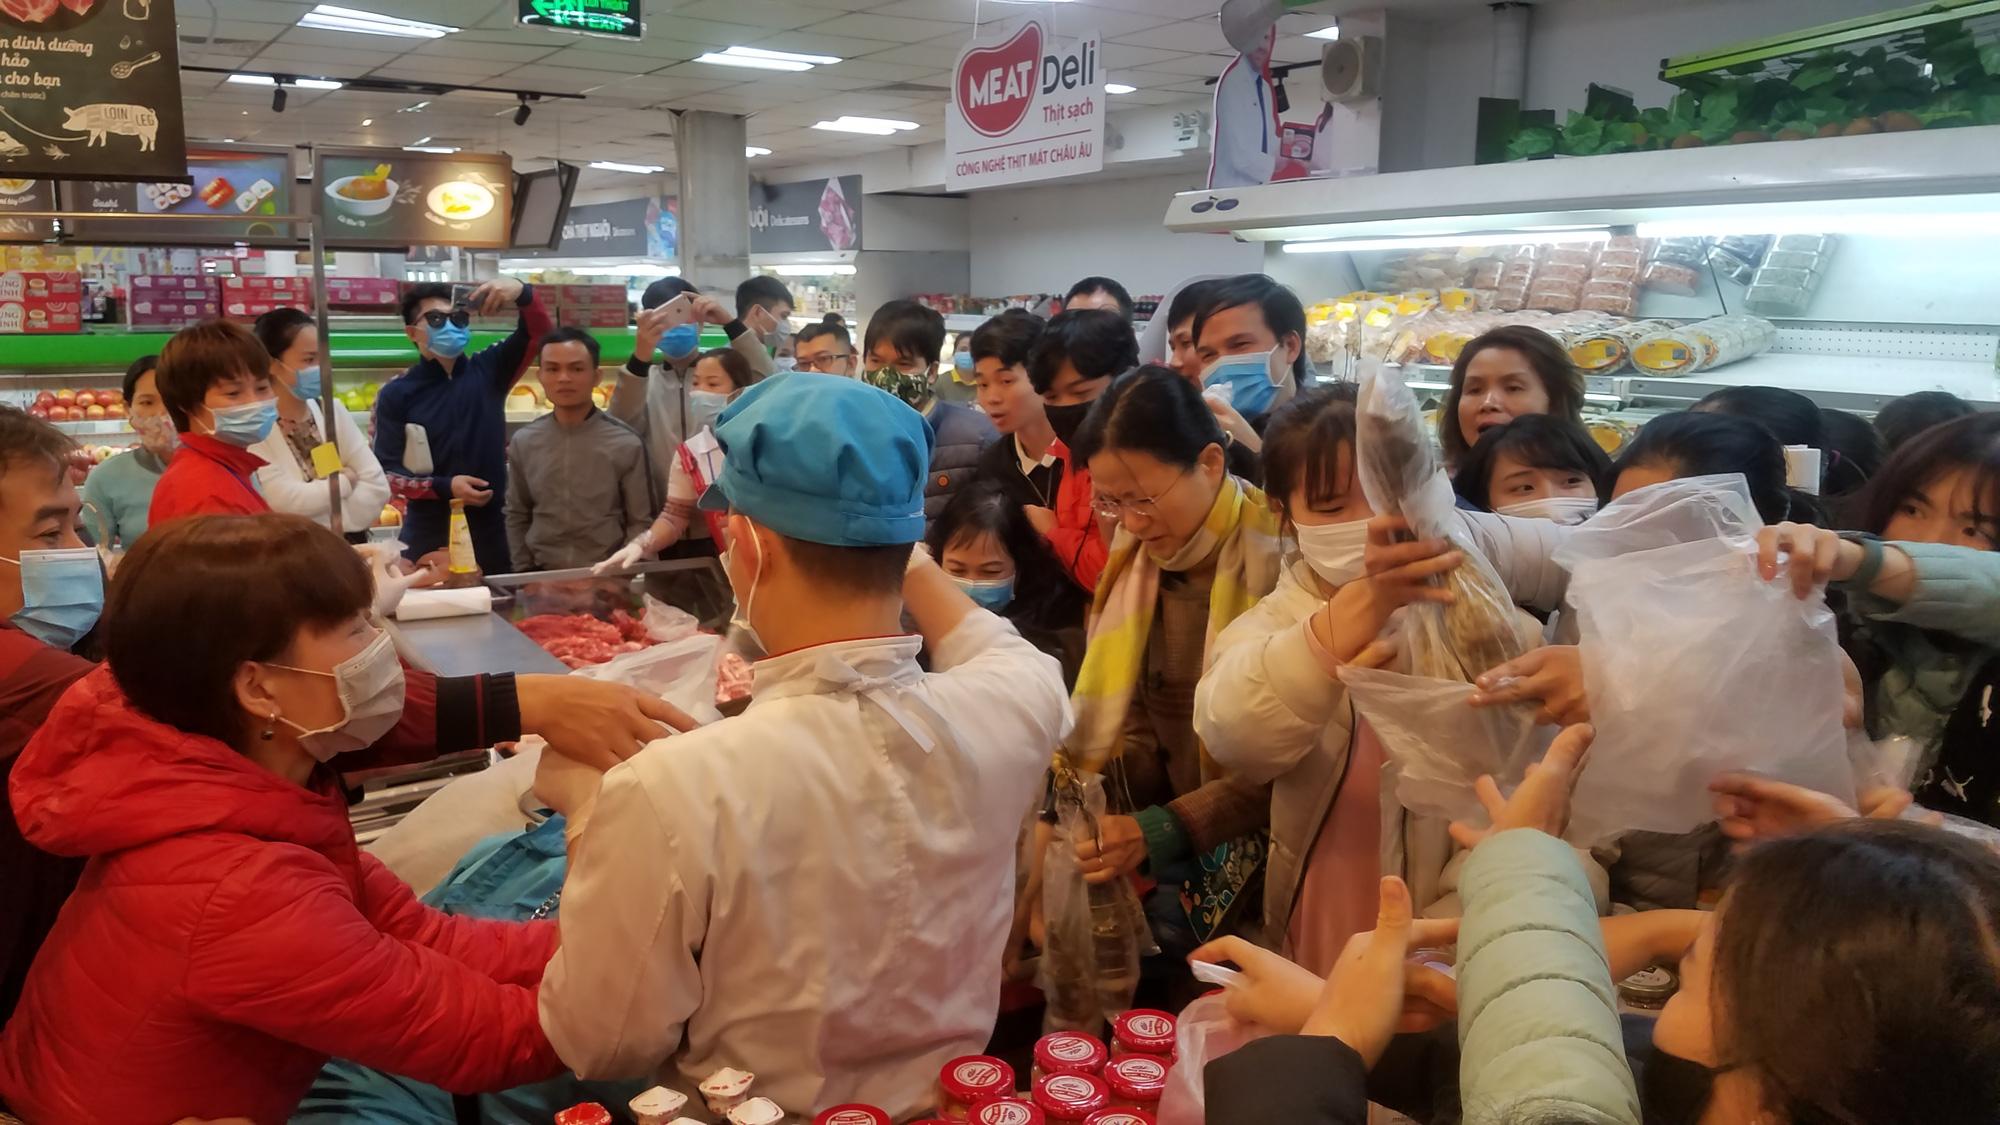 Hãi hùng cảnh tượng người Hà Nội chen lấn, giành giật để mua tôm hùm giảm giá - Ảnh 6.